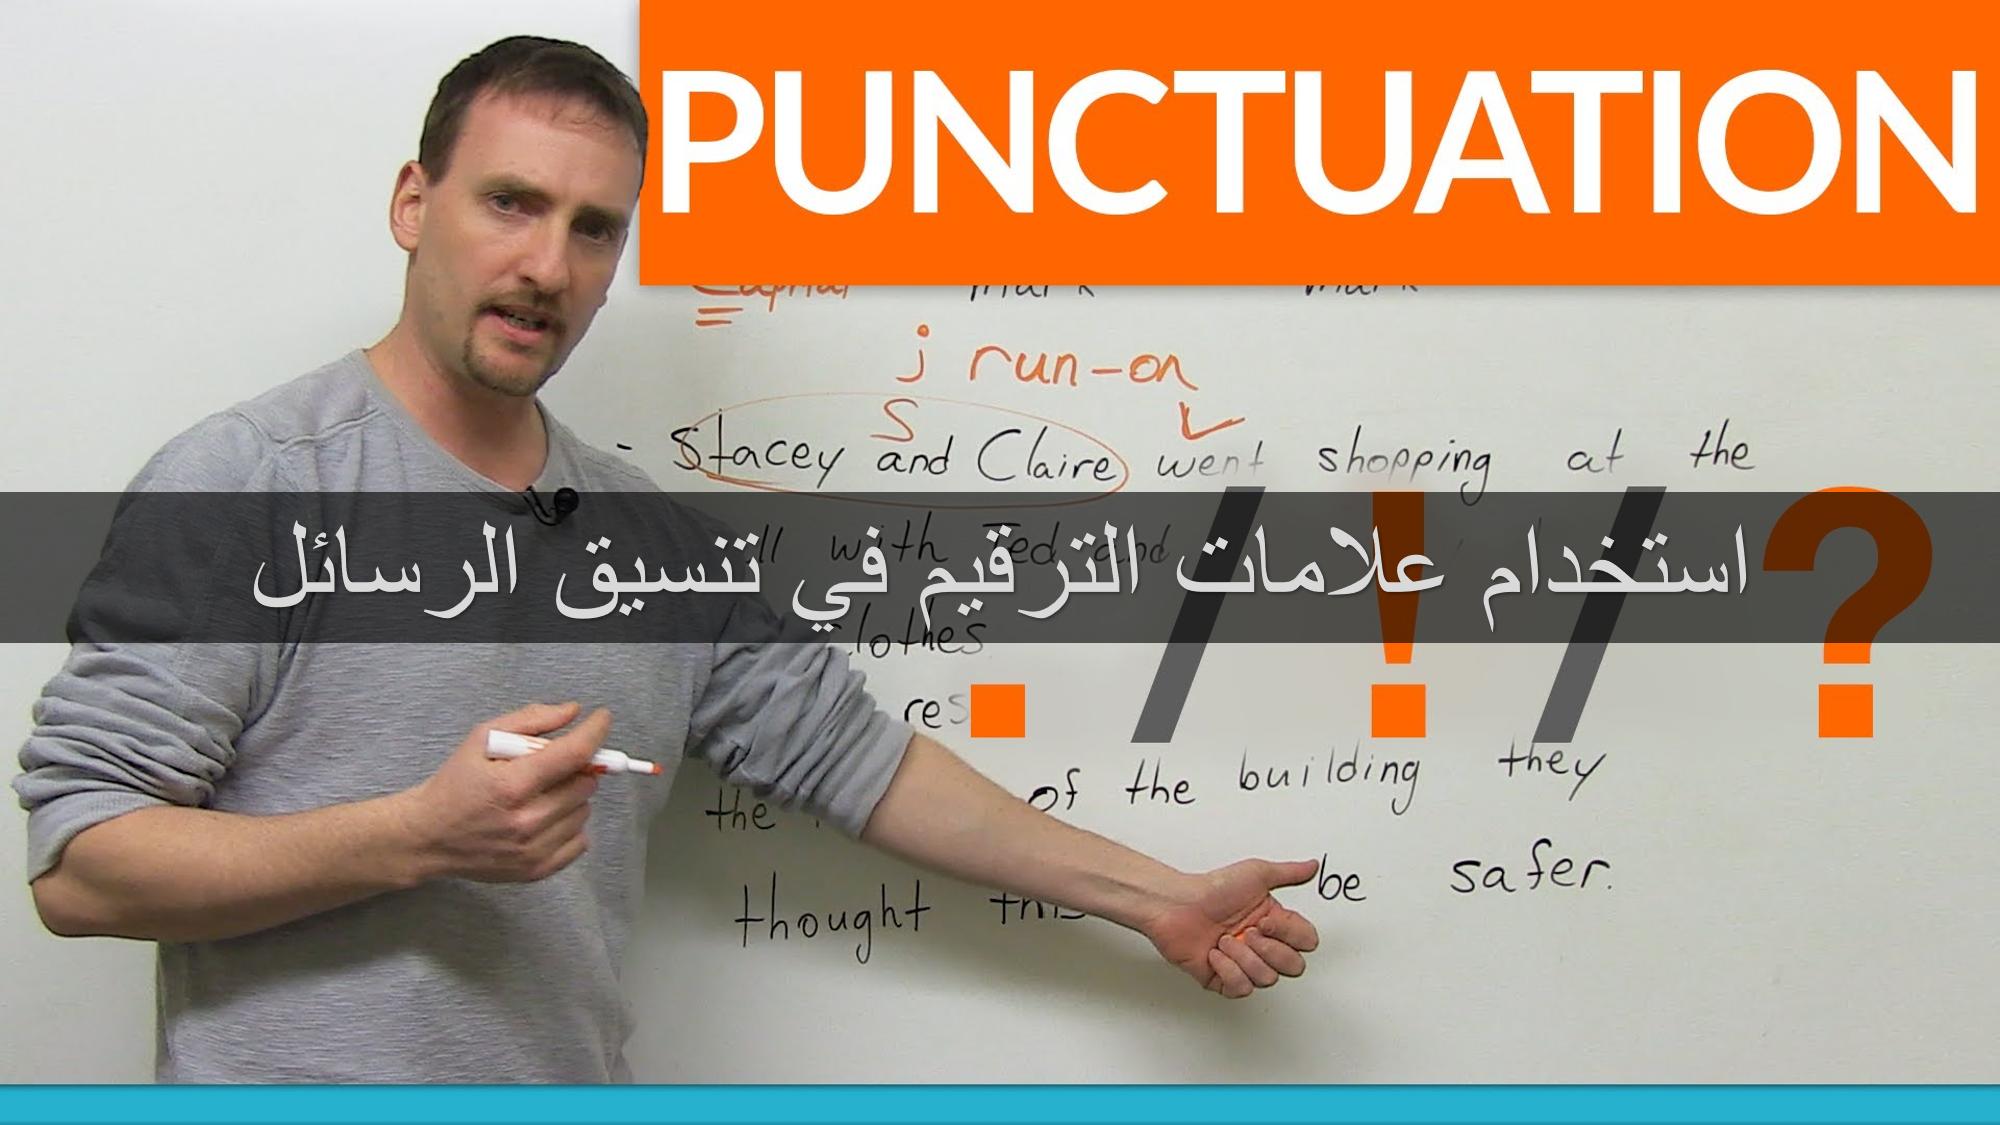 تنقسم علامات الترقيم إلى أربعة أنواع بناءا على وظائفها في الكتابة وهي على النحو التالي Punctuation Thoughts Incoming Call Screenshot